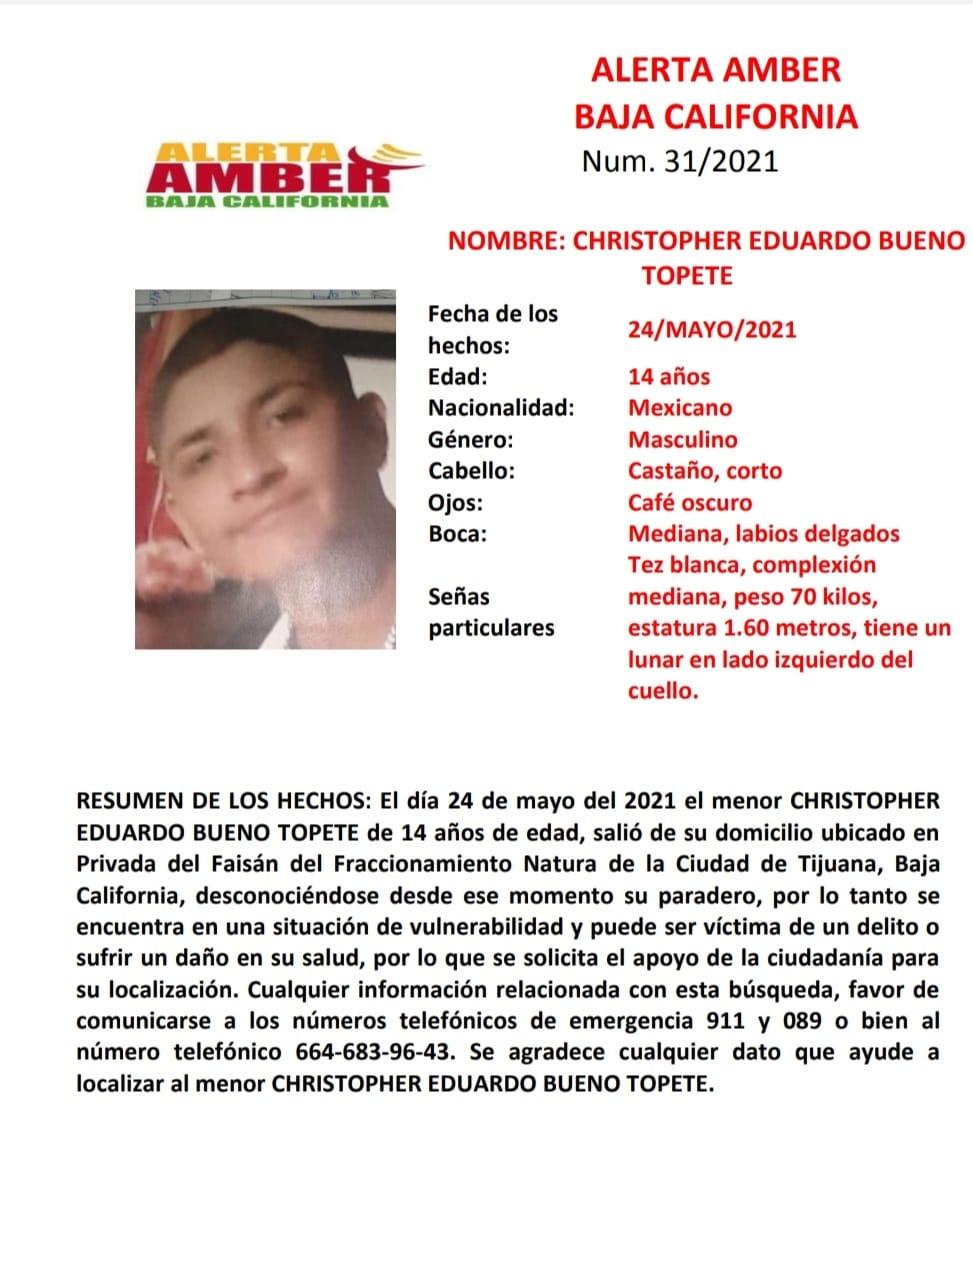 Activan Alerta Amber por desaparición de  Christopher Eduardo Bueno Topete de 14 años